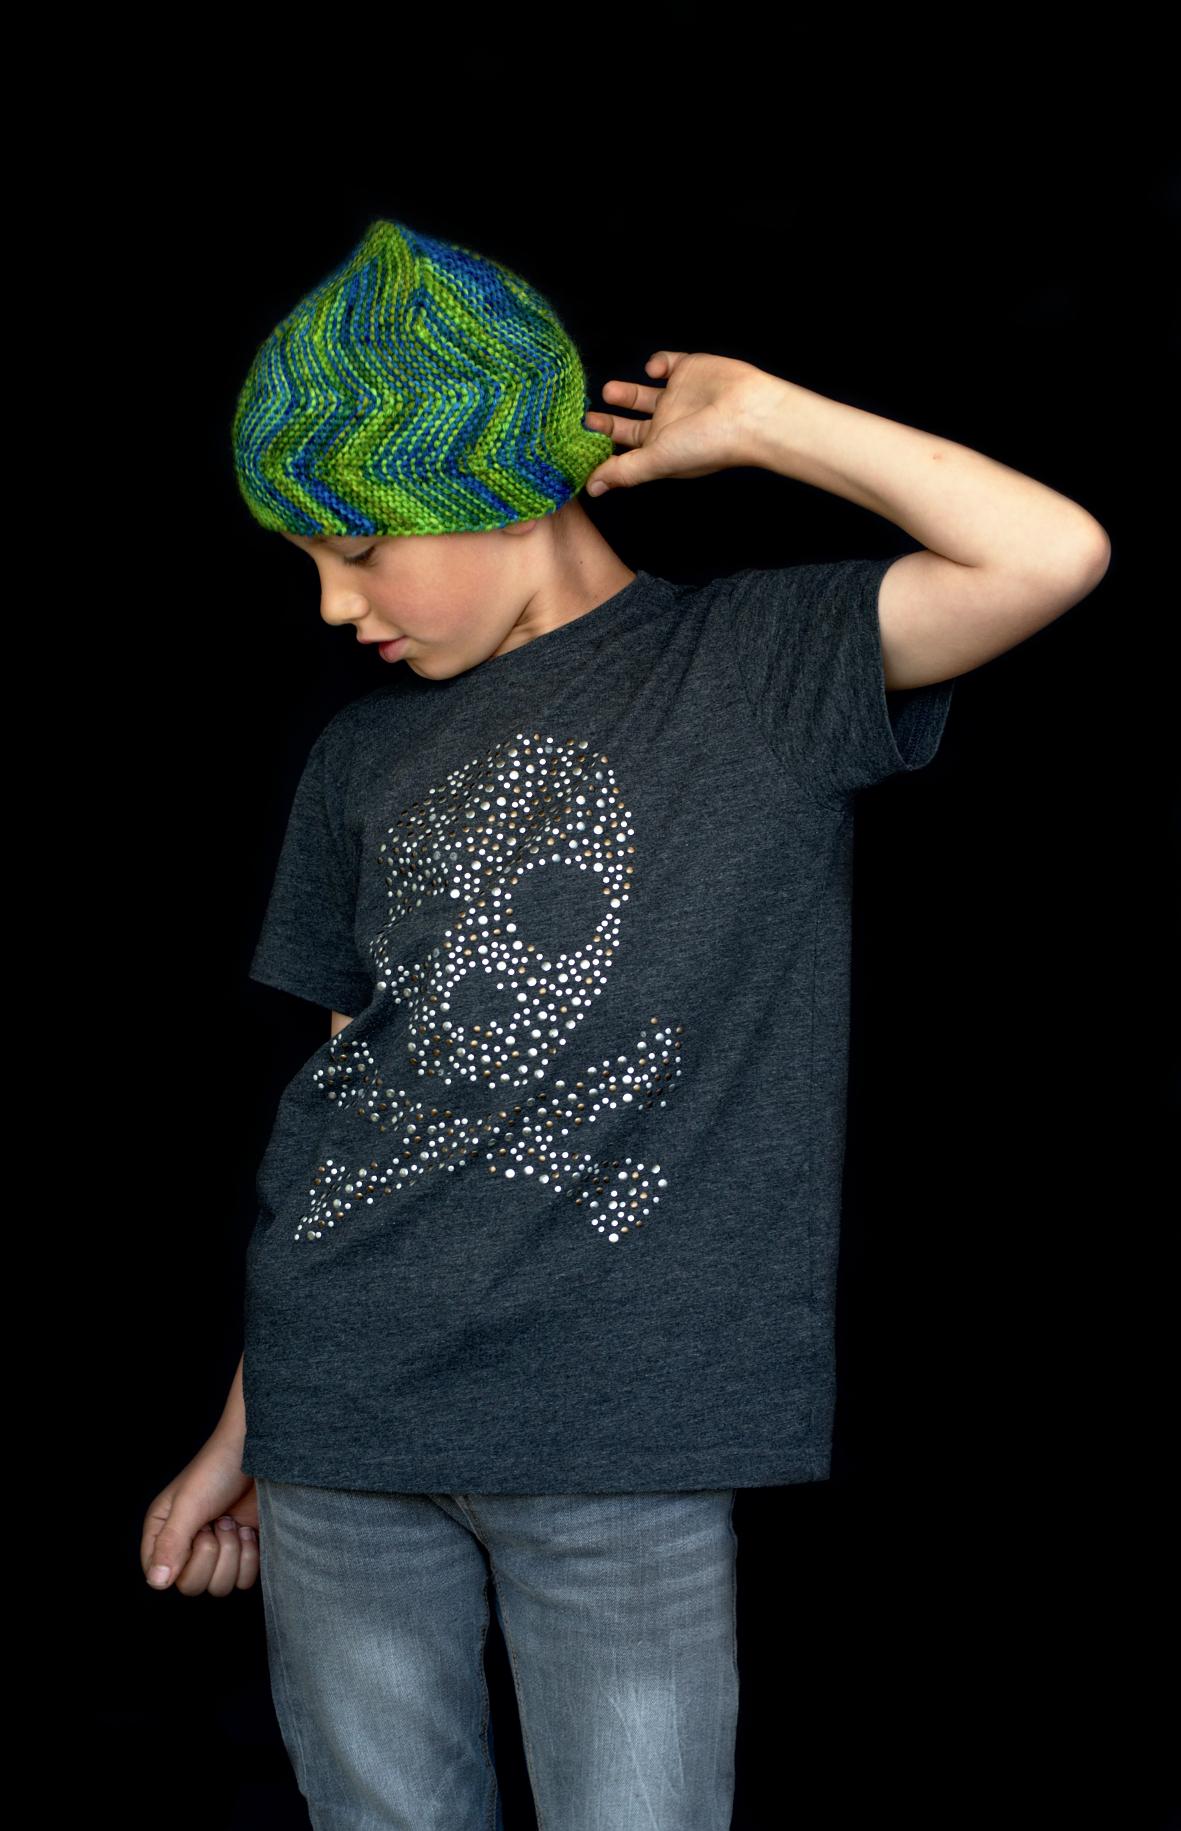 Mobberley sideways knit Hat pattern for aran weight yarn